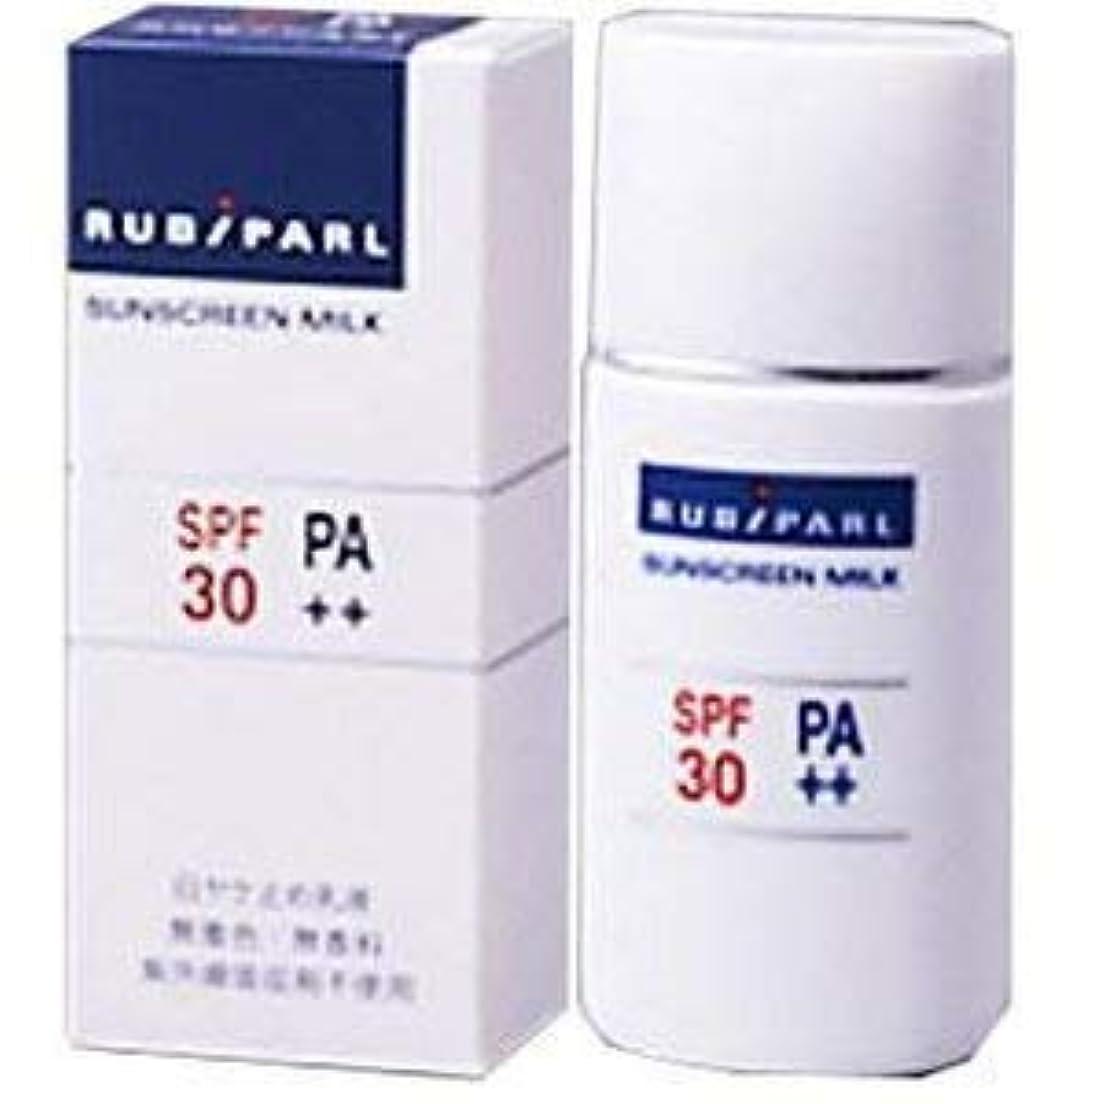 改革豊富な伝導率ルビパール サンスクリーンミルク 日ヤケ止め乳液 SPF30 PA++ 30mLx3個セット